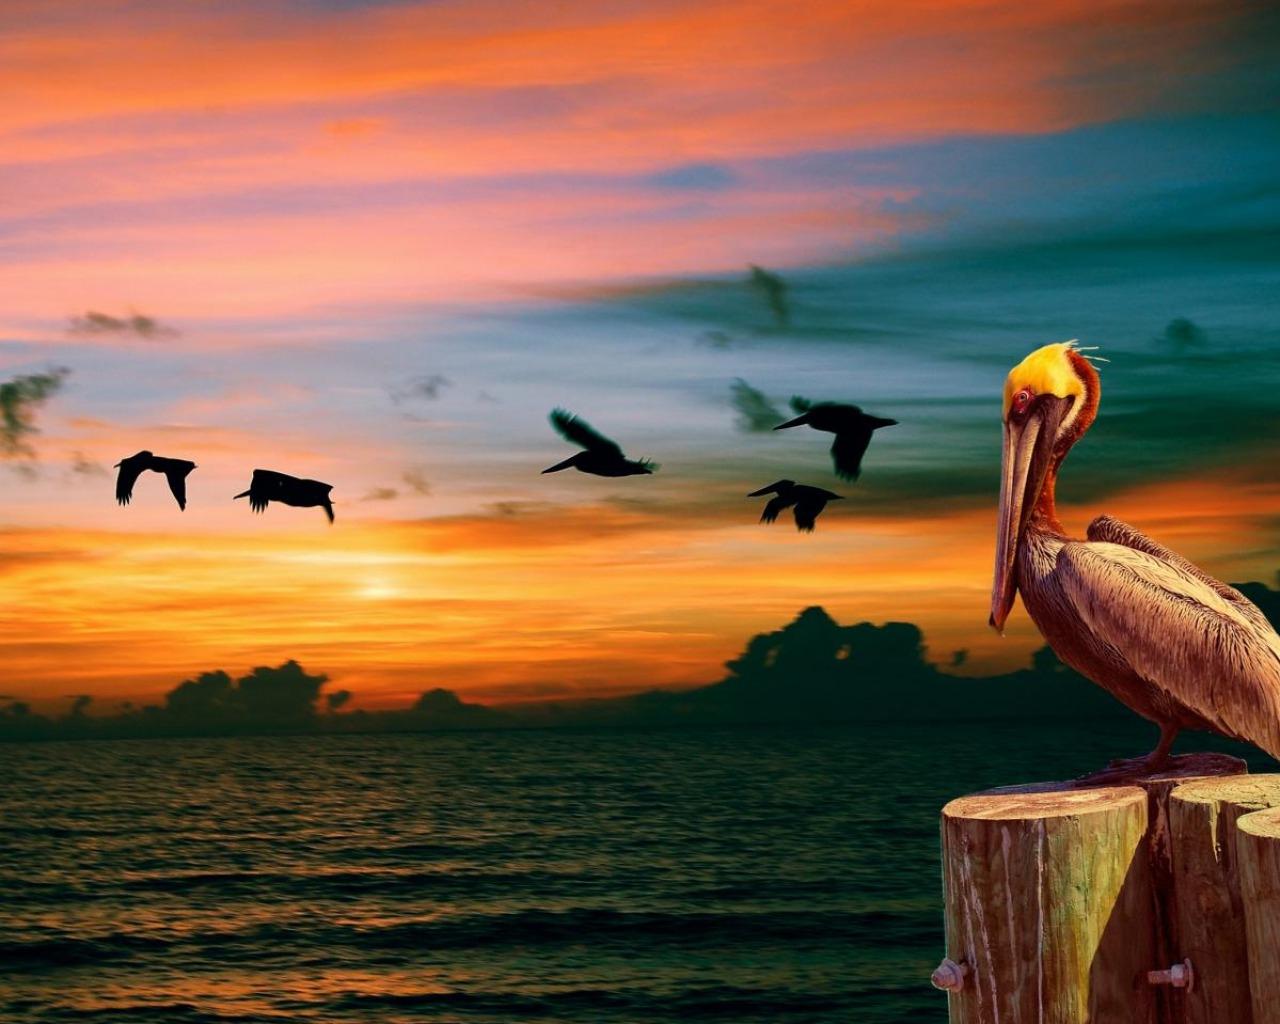 картинки с птицами на природе с морем девушка